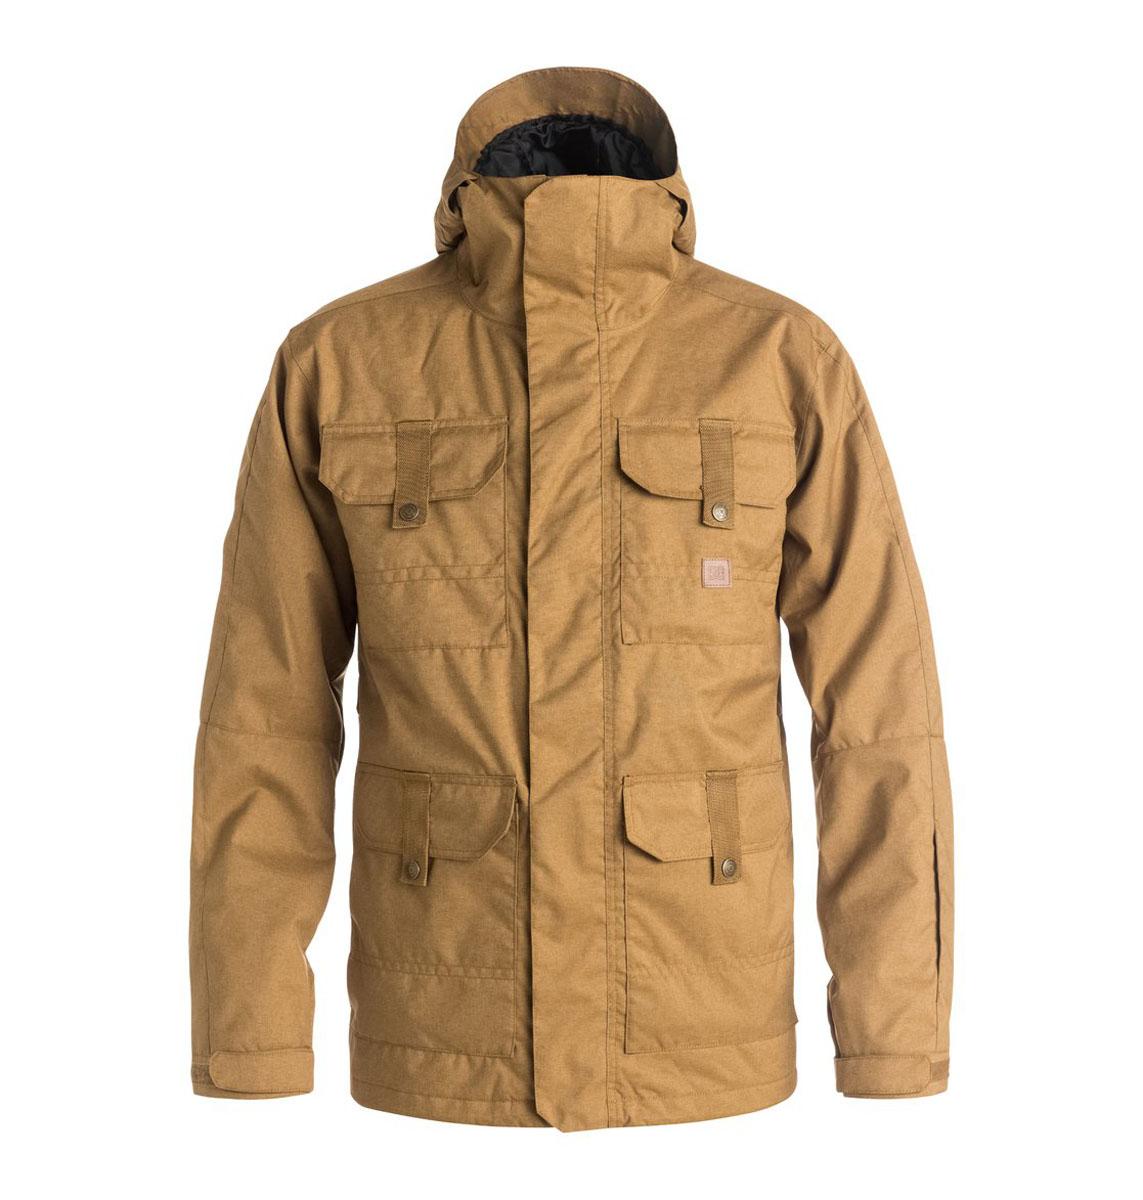 Куртка мужская DC Shoes, цвет: песочный. EDYTJ03022. Размер M (52)EDYTJ03022-CNE0Мужская куртка Quiksilverвыполнена из 100% полиэстера. В качестве подкладки и утеплителя также используется полиэстер. Изделие произведено из сырья высшего качества.Модель с несъемным капюшоном застегивается на застежку-молнию и имеет ветрозащитную планку на липучках. Край капюшона дополнен шнурком-кулиской и небольшим укрепленным козырьком. Низ рукавов дополнен хлястиком на кнопке, а внутренняя часть рукава оформлена эластичным манжетом с прорезью для большого пальца. Спереди расположено четыре накладных кармана с клапанами на кнопках и липучках и по бокам они же дополнены карманами намолнии, а с внутренней стороны - один накладной карман из сетчатой ткани. Под защитной планкой расположена застежка молния, которая дополнена отверстием для наушников. В поясе с внутренней стороны куртка имеет дополнительную подкладку на резинке, которая защитит от ветра и попадания снега.